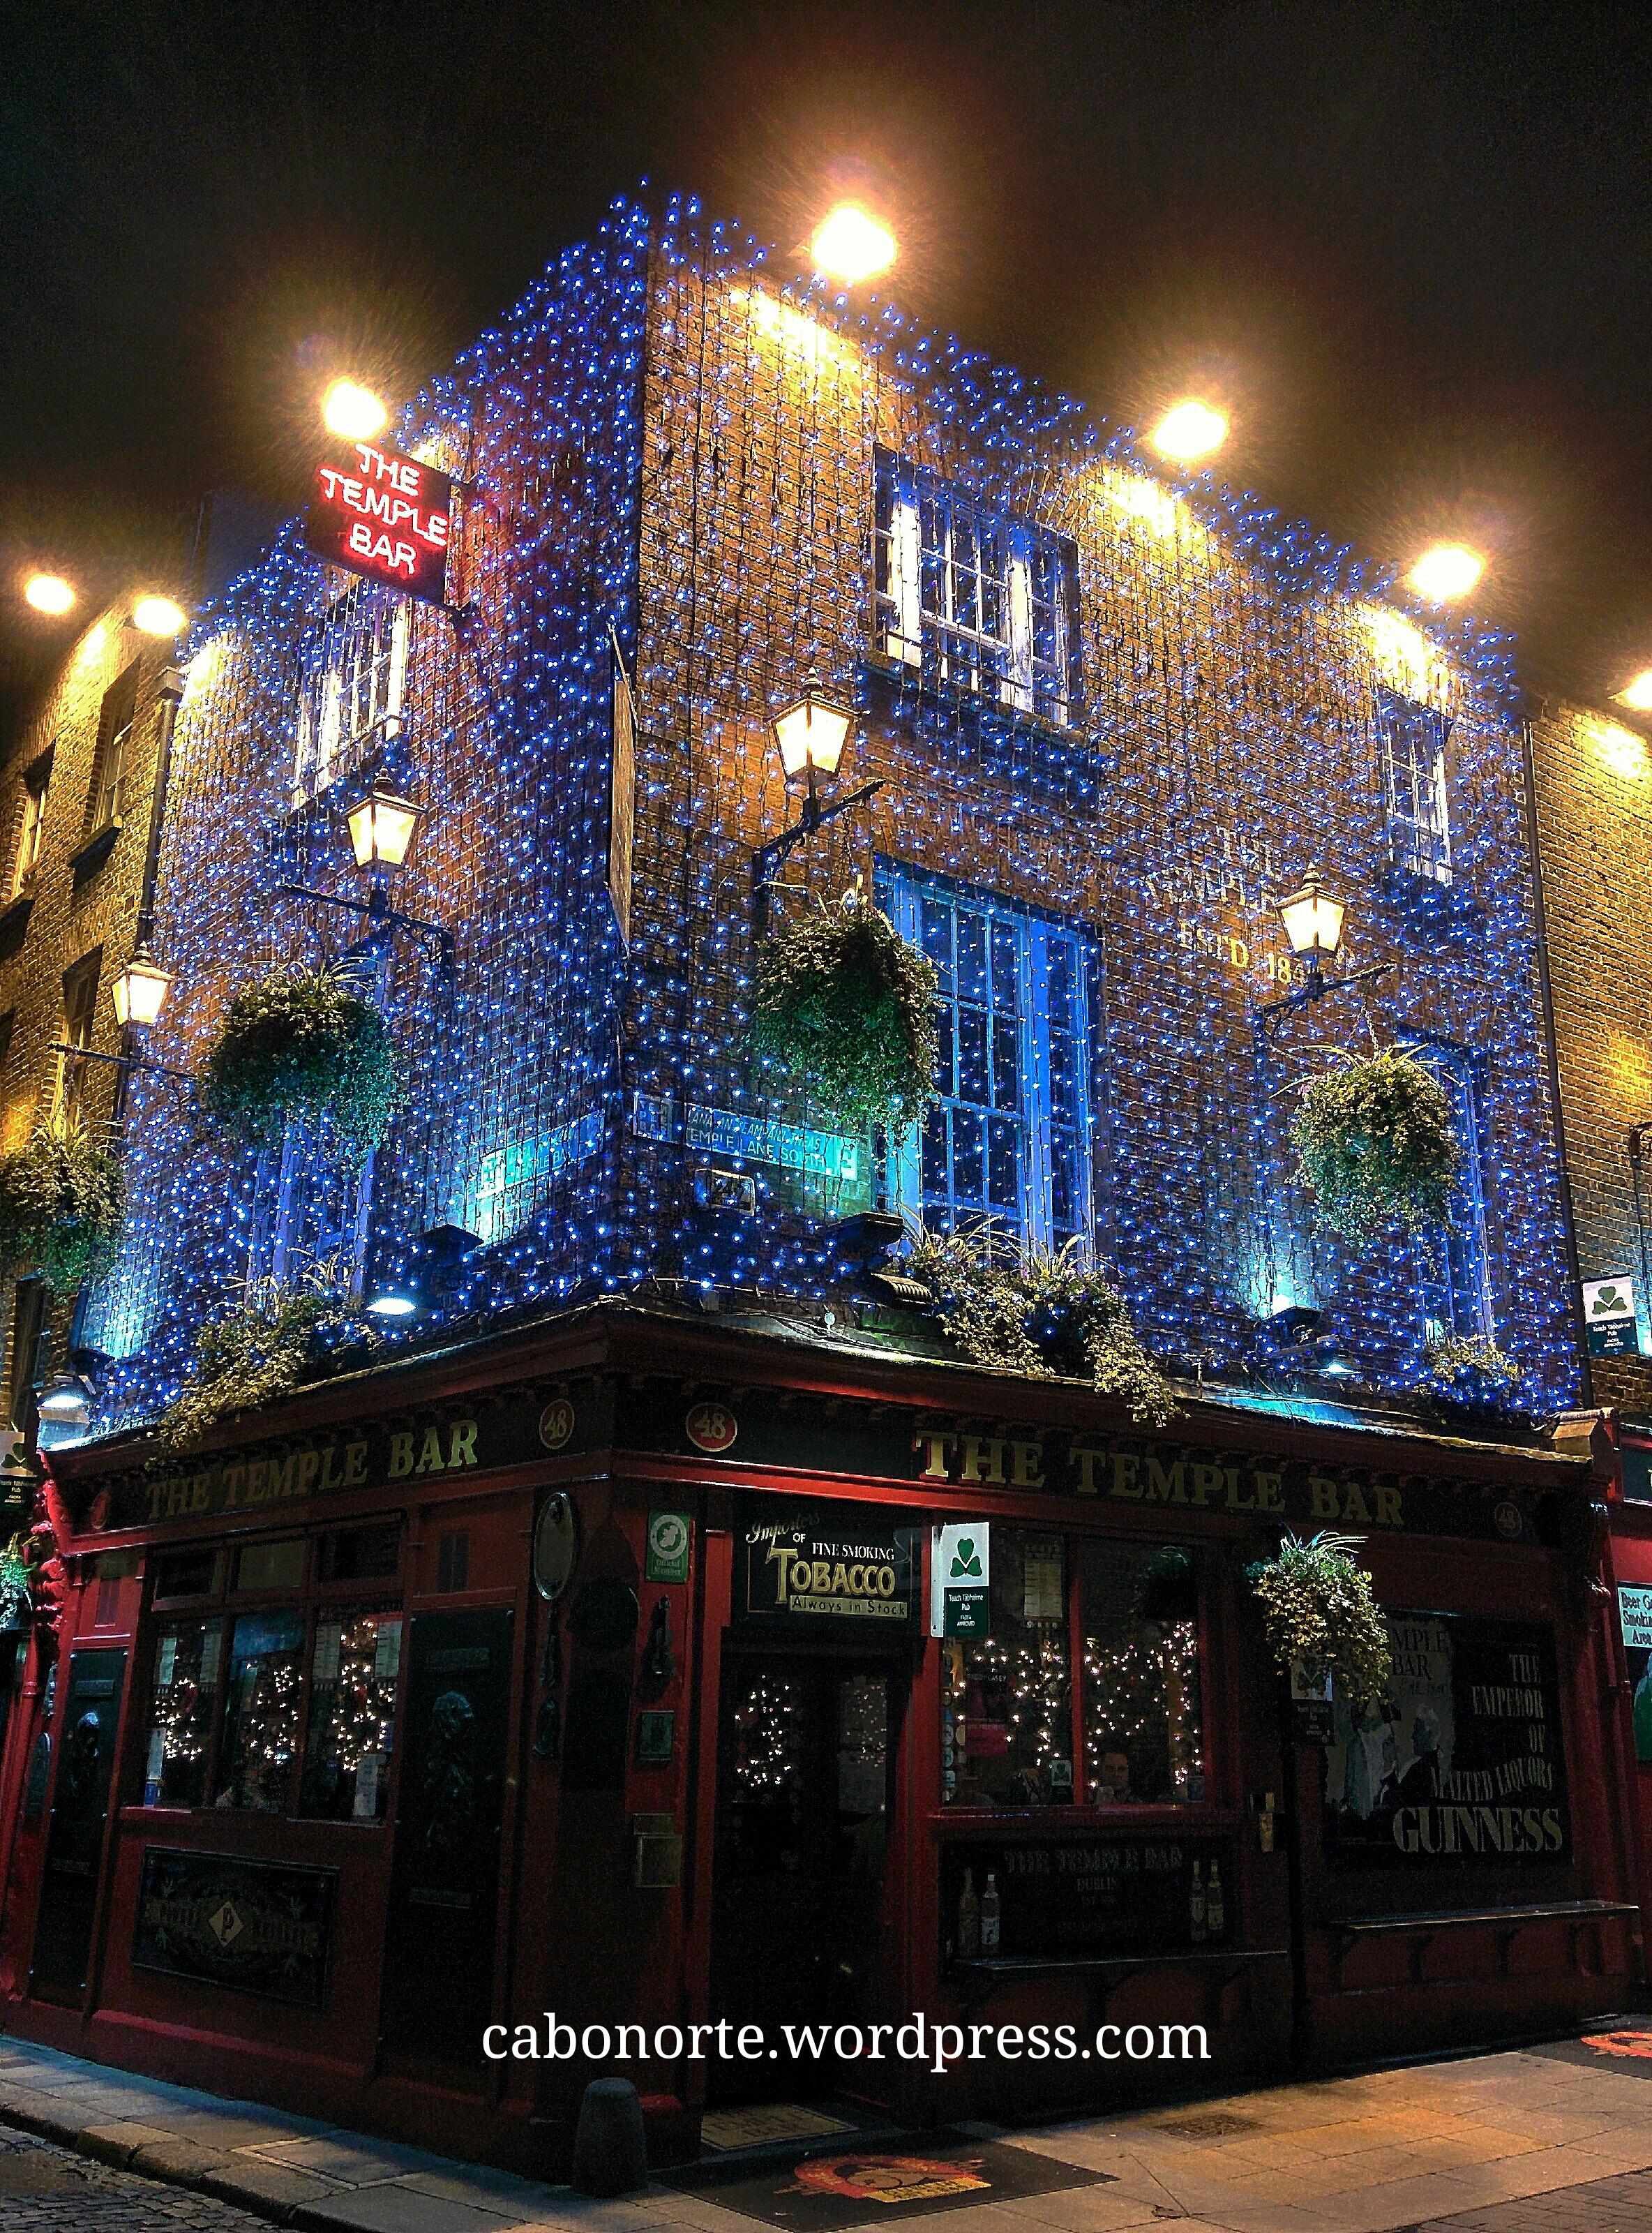 Pub The Temple Bar, Dublín